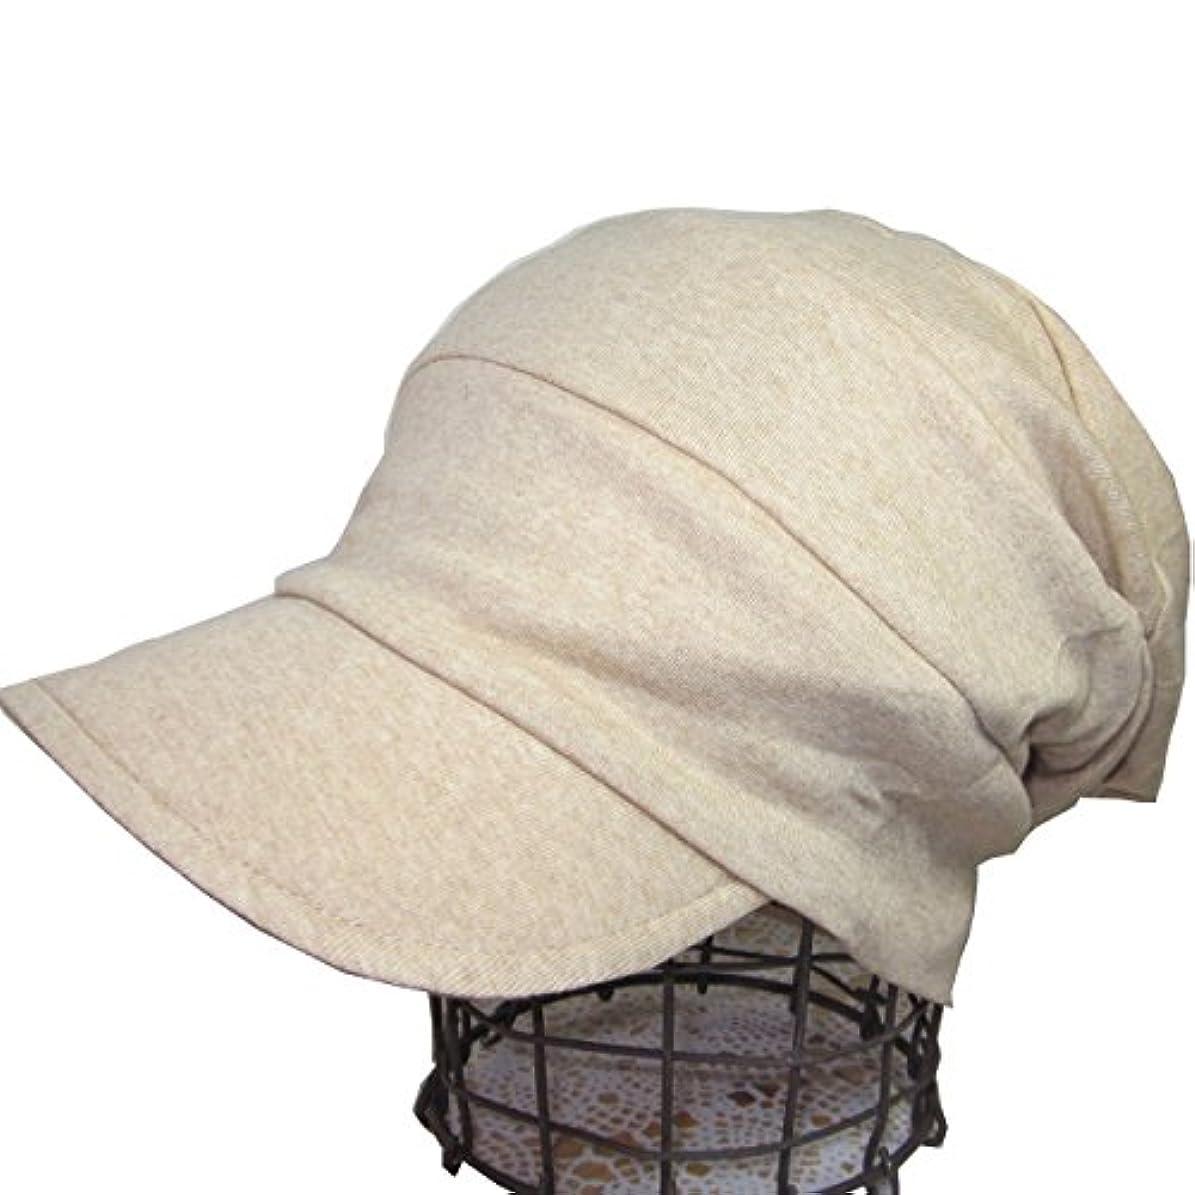 ソート歯車順応性のある医療用帽子 オーガニック 抗がん剤帽子/段々キャスケット ブラウン/医療帽子 プレジール